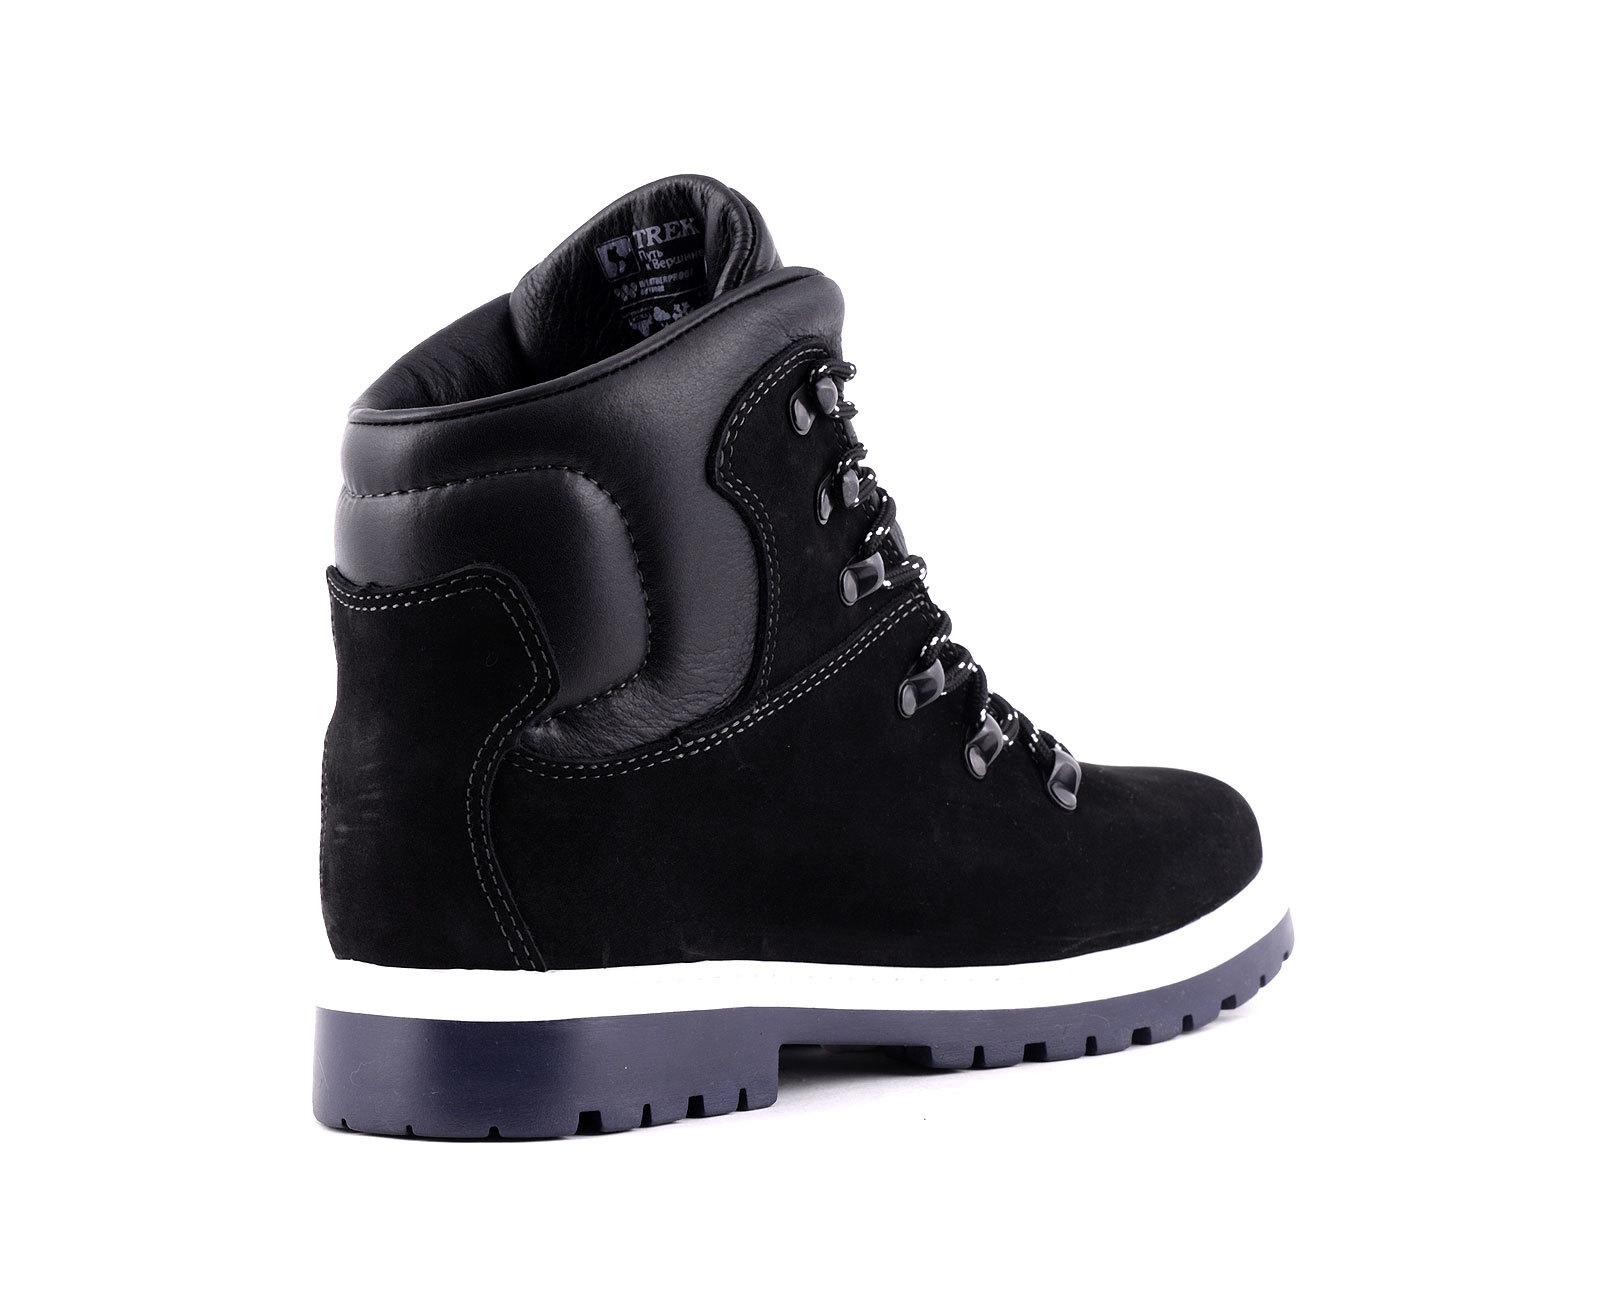 Ботинки TREK Маунт мех /нубук черный